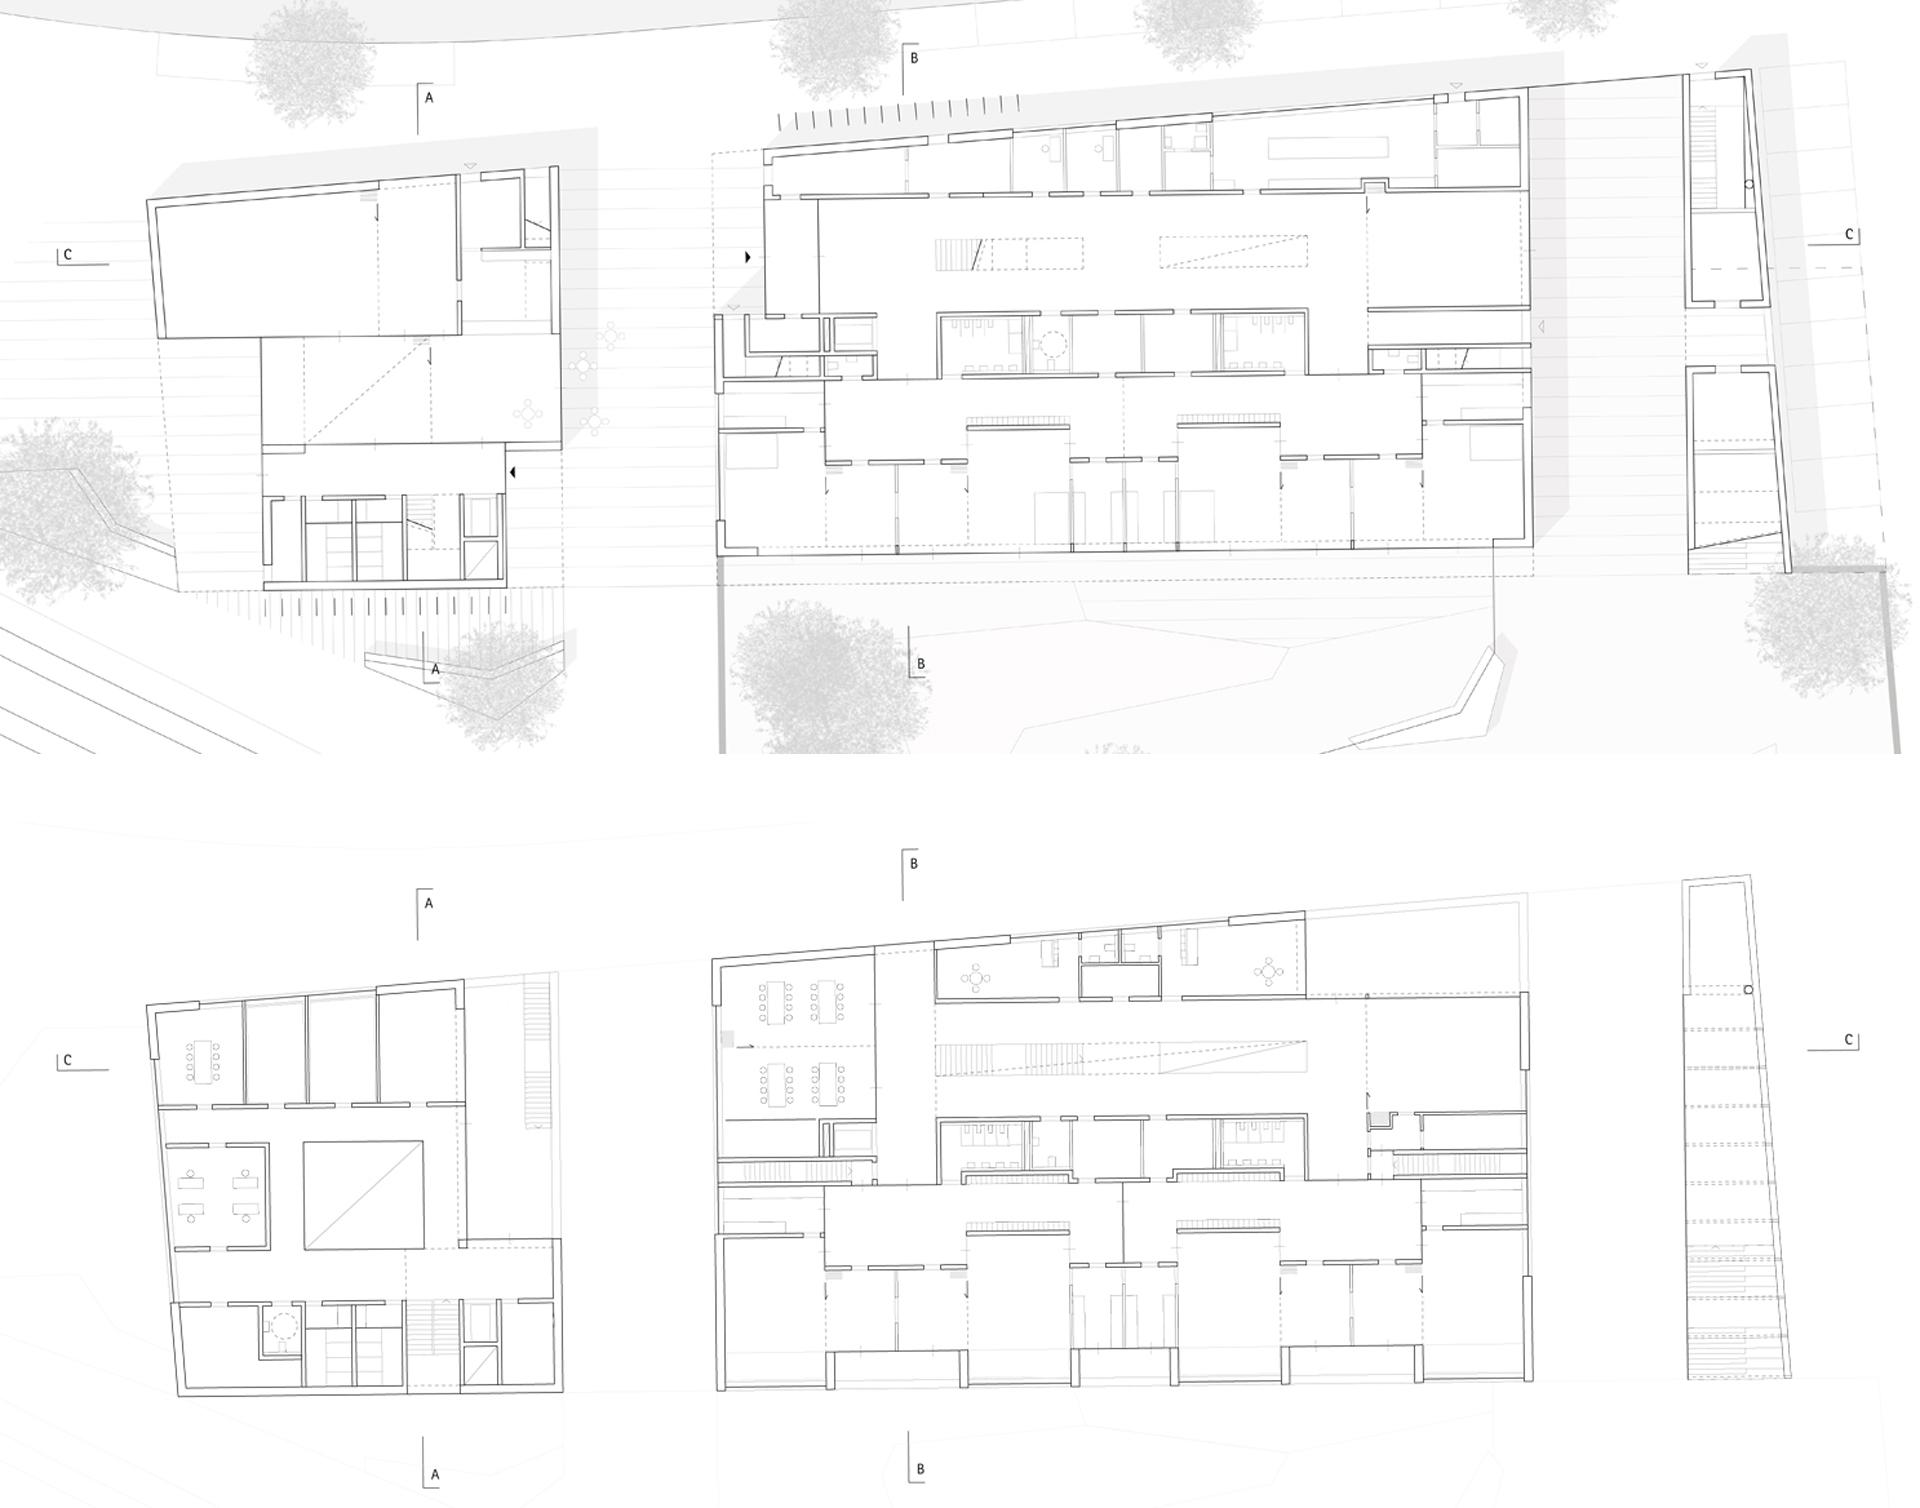 Kita-Und-Jugendzentrum-Schelmenecker_Friedemann-Rentsch-Architektur_11